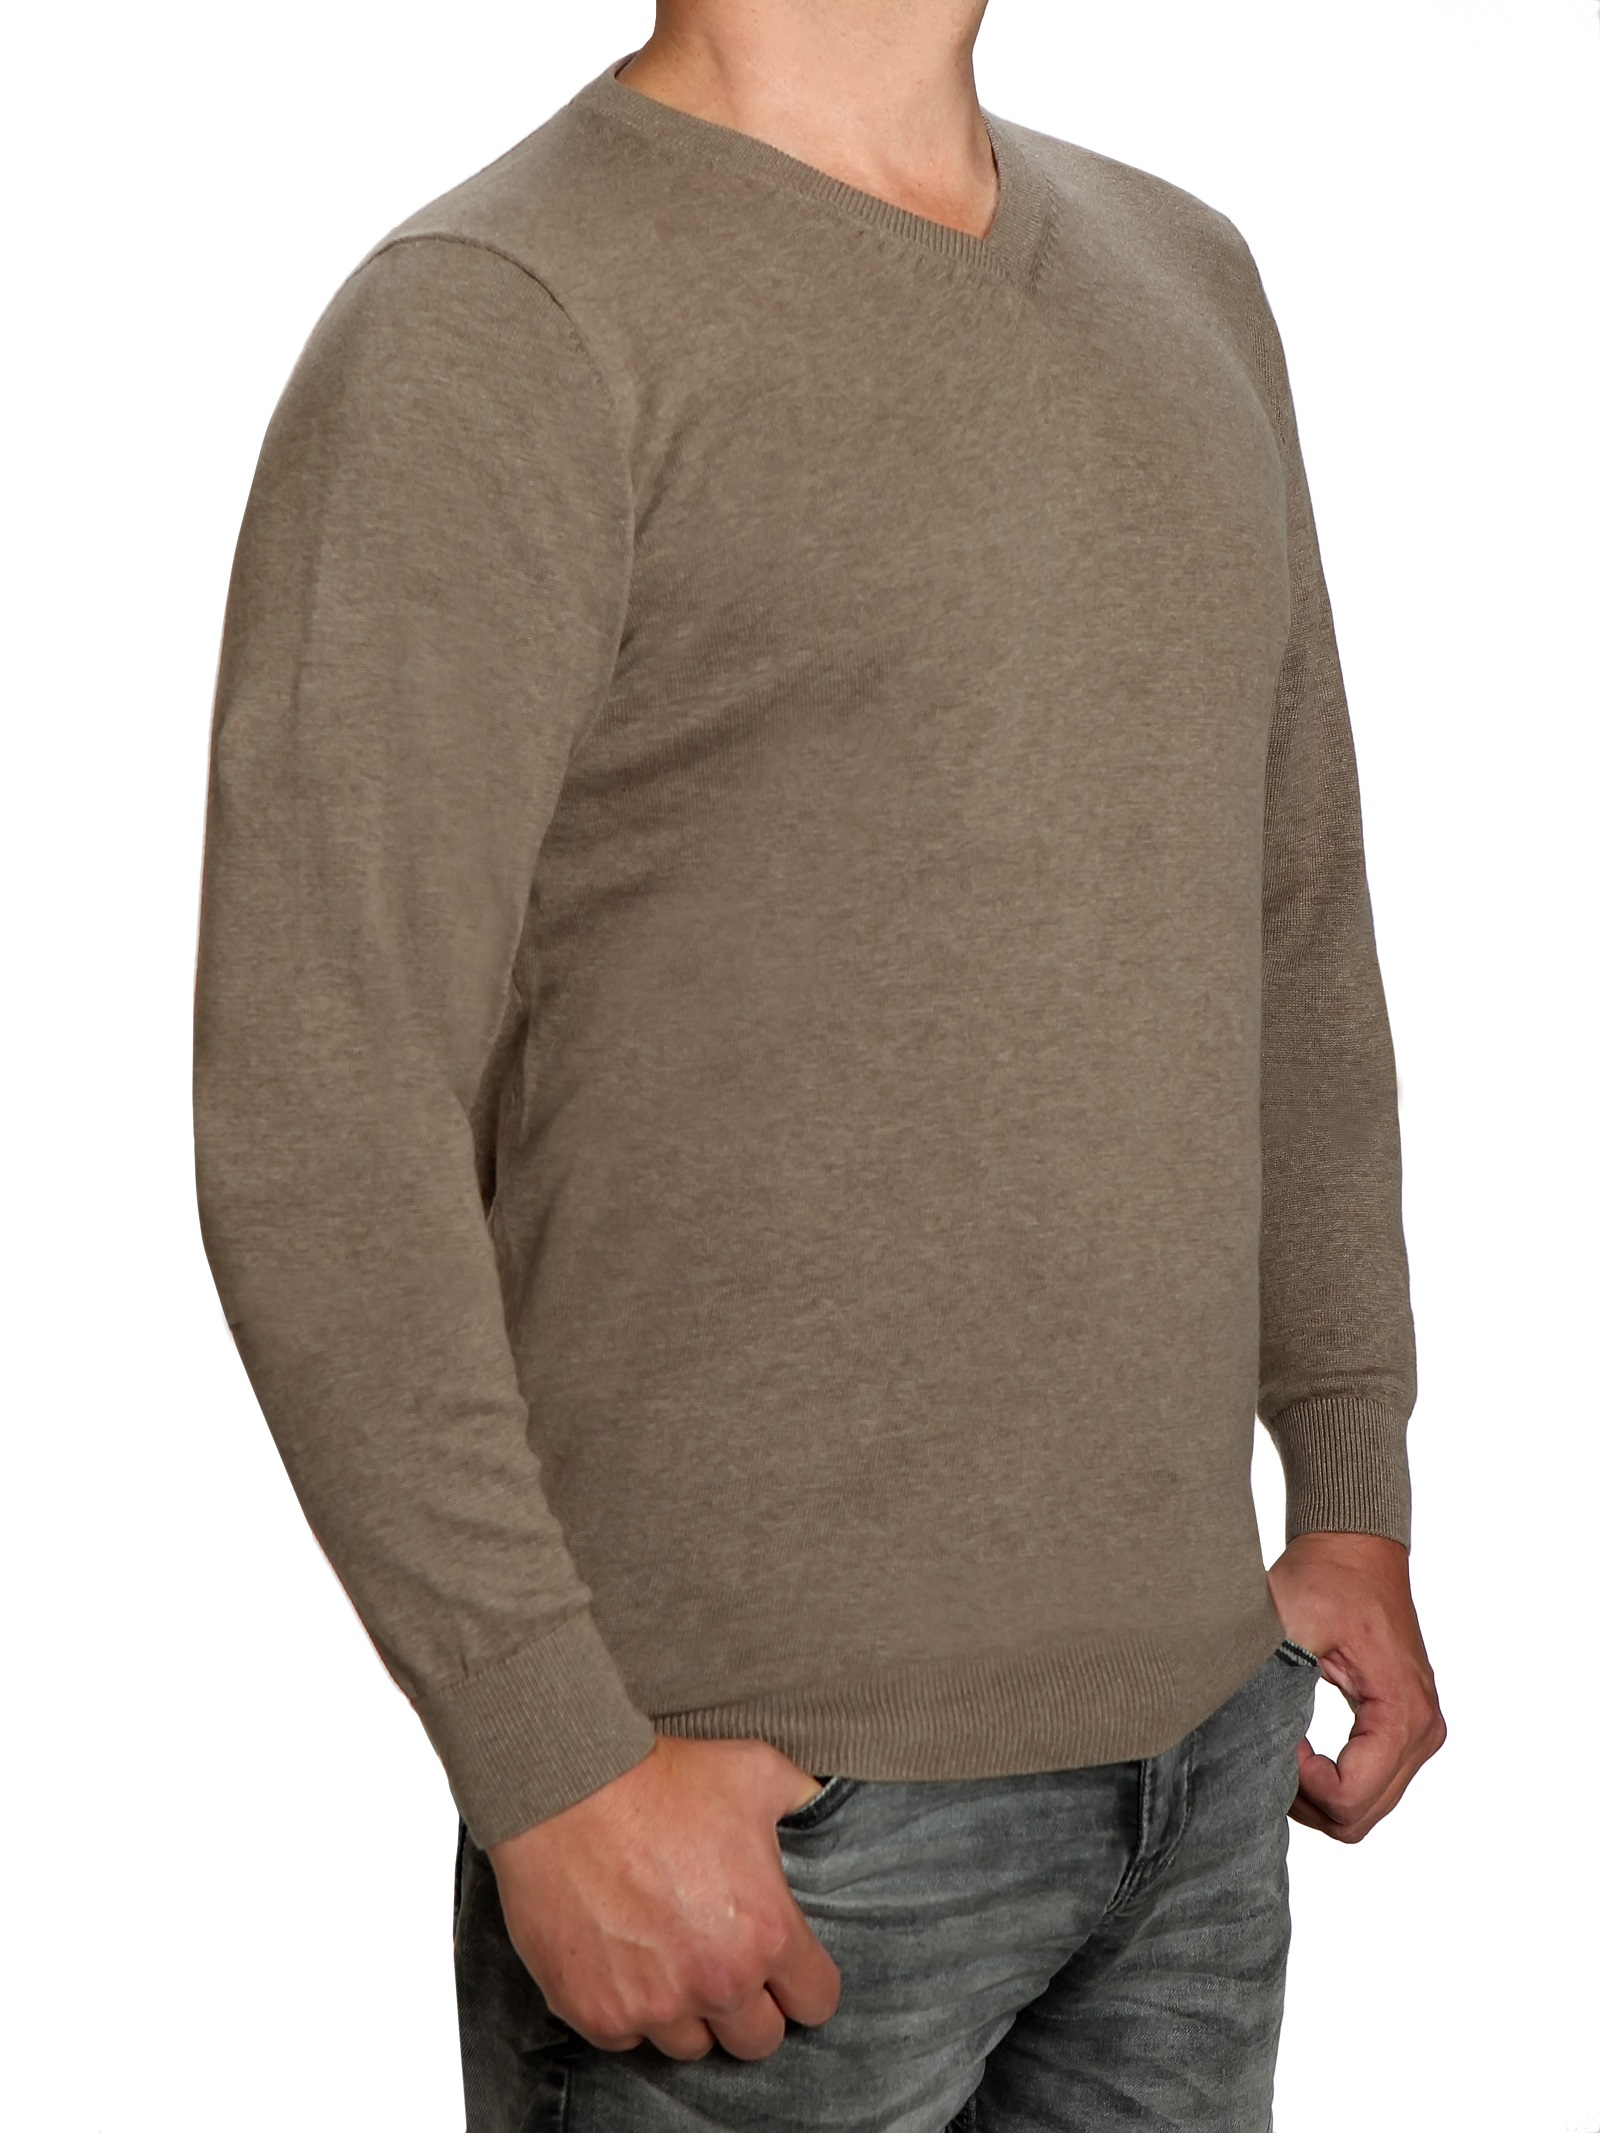 Extra langer Pullover, K I T A R O V Ausschnitt, in Braun